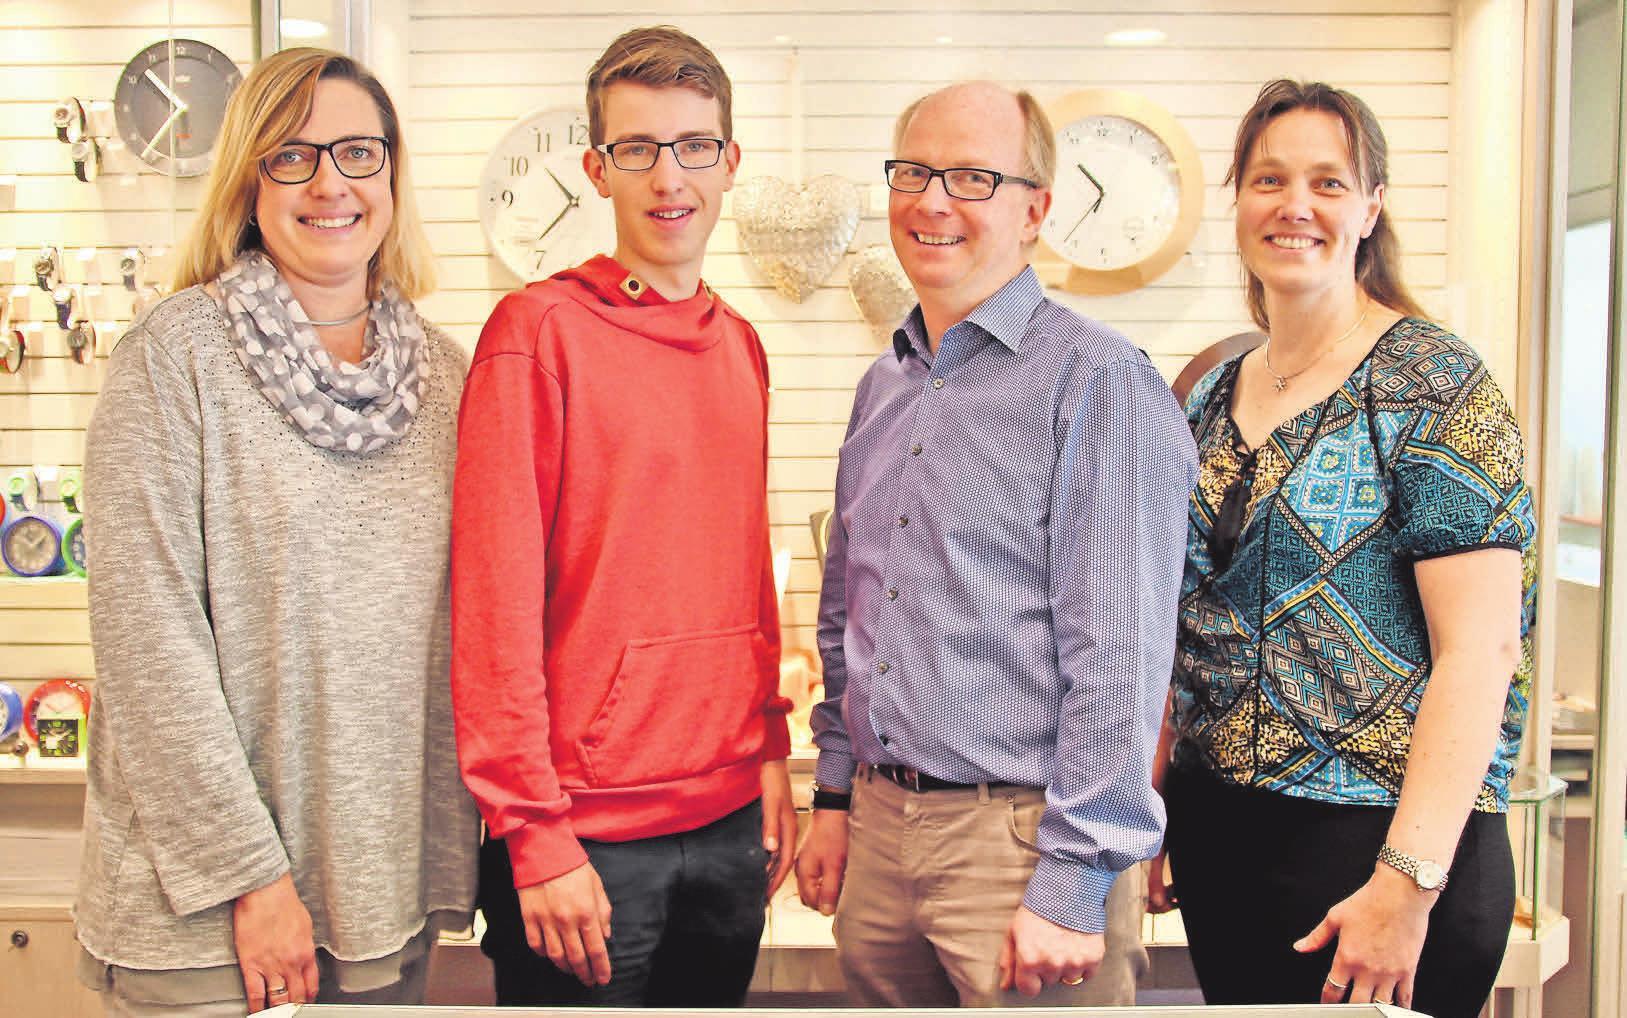 Das Team von Juwelier Witte berät mit viel Leidenschaft, wenn es um Schmuck und Uhren geht.